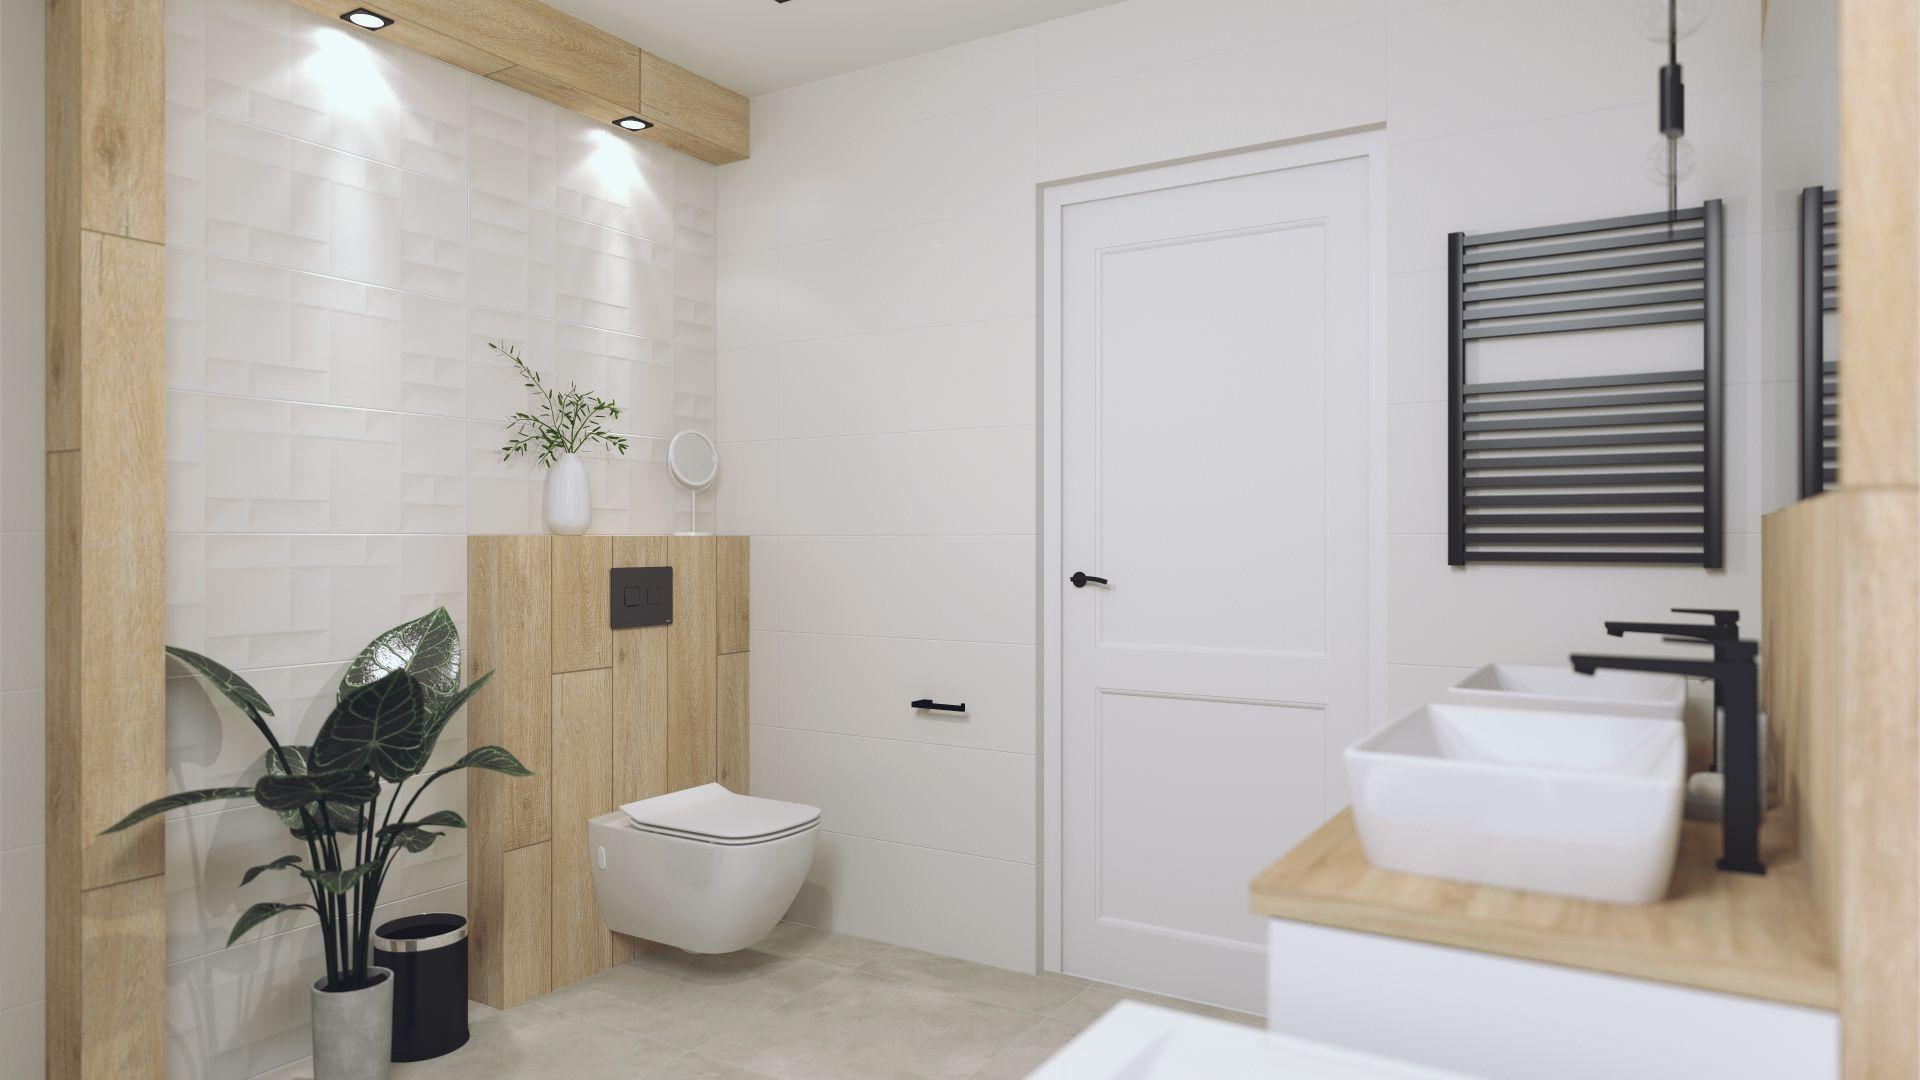 Łazinka dzięki zastosowaniu jasnych kolorów jest bardziej przestronna. Projekt i zdjęcia: Ewa Gil Cer